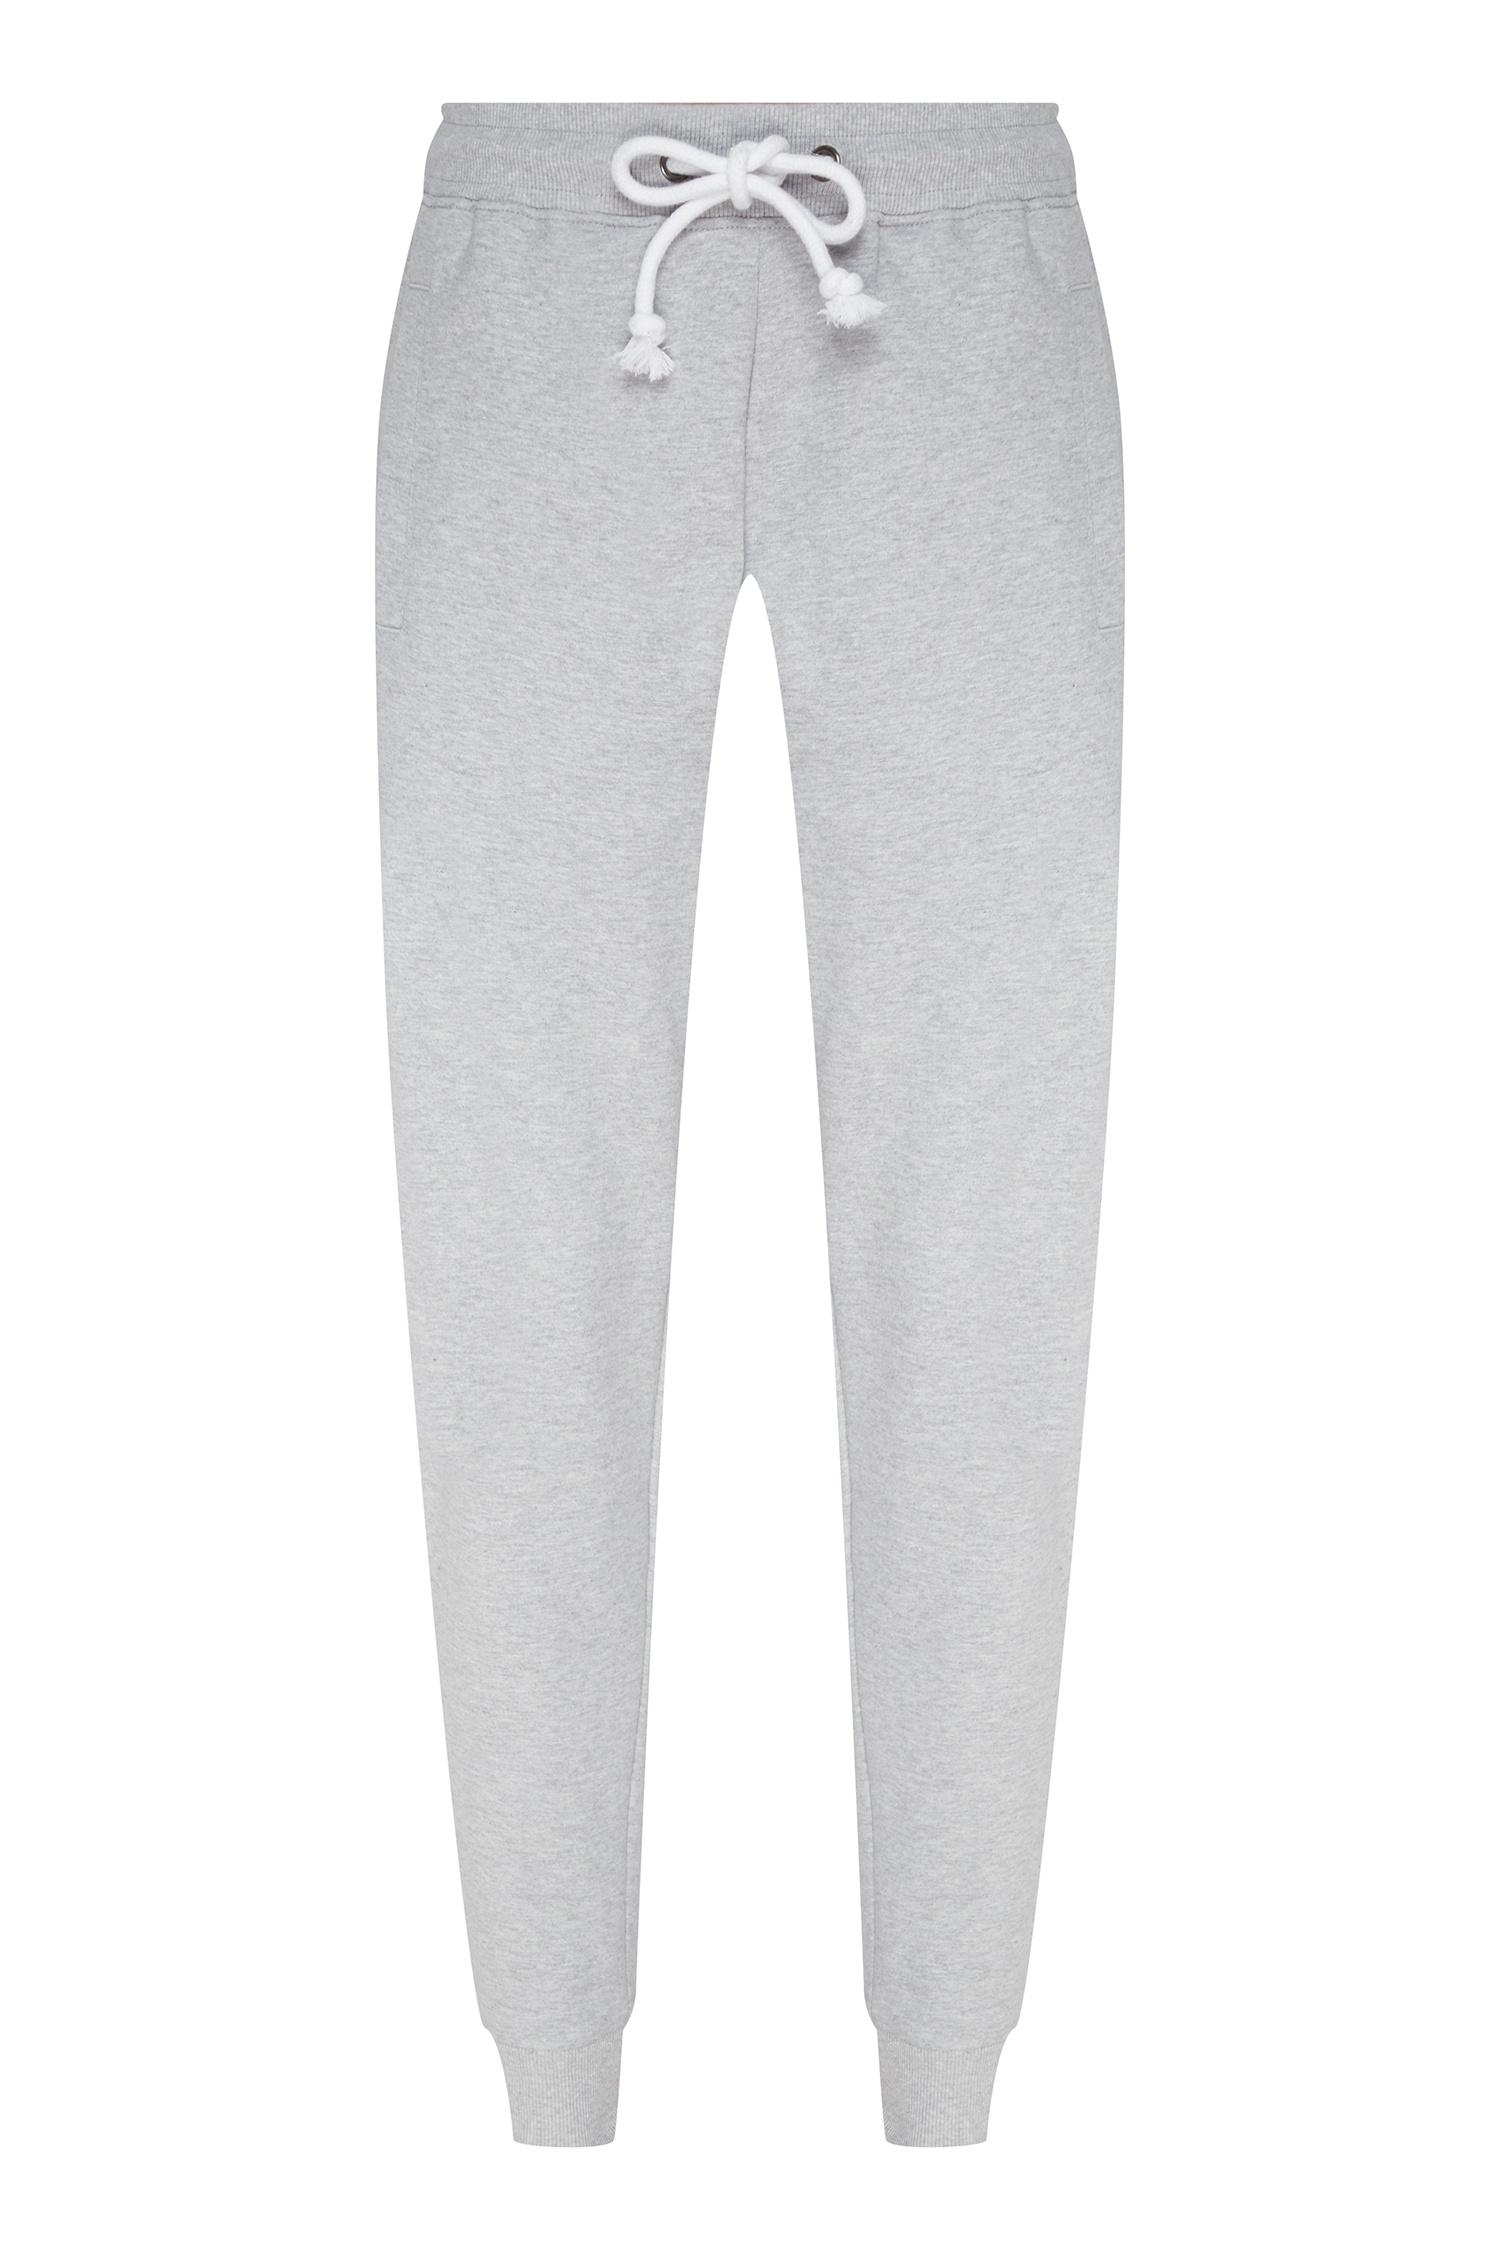 23b7df87af3 Светло-серые брюки с кулиской Bread Boxers – купить в интернет ...